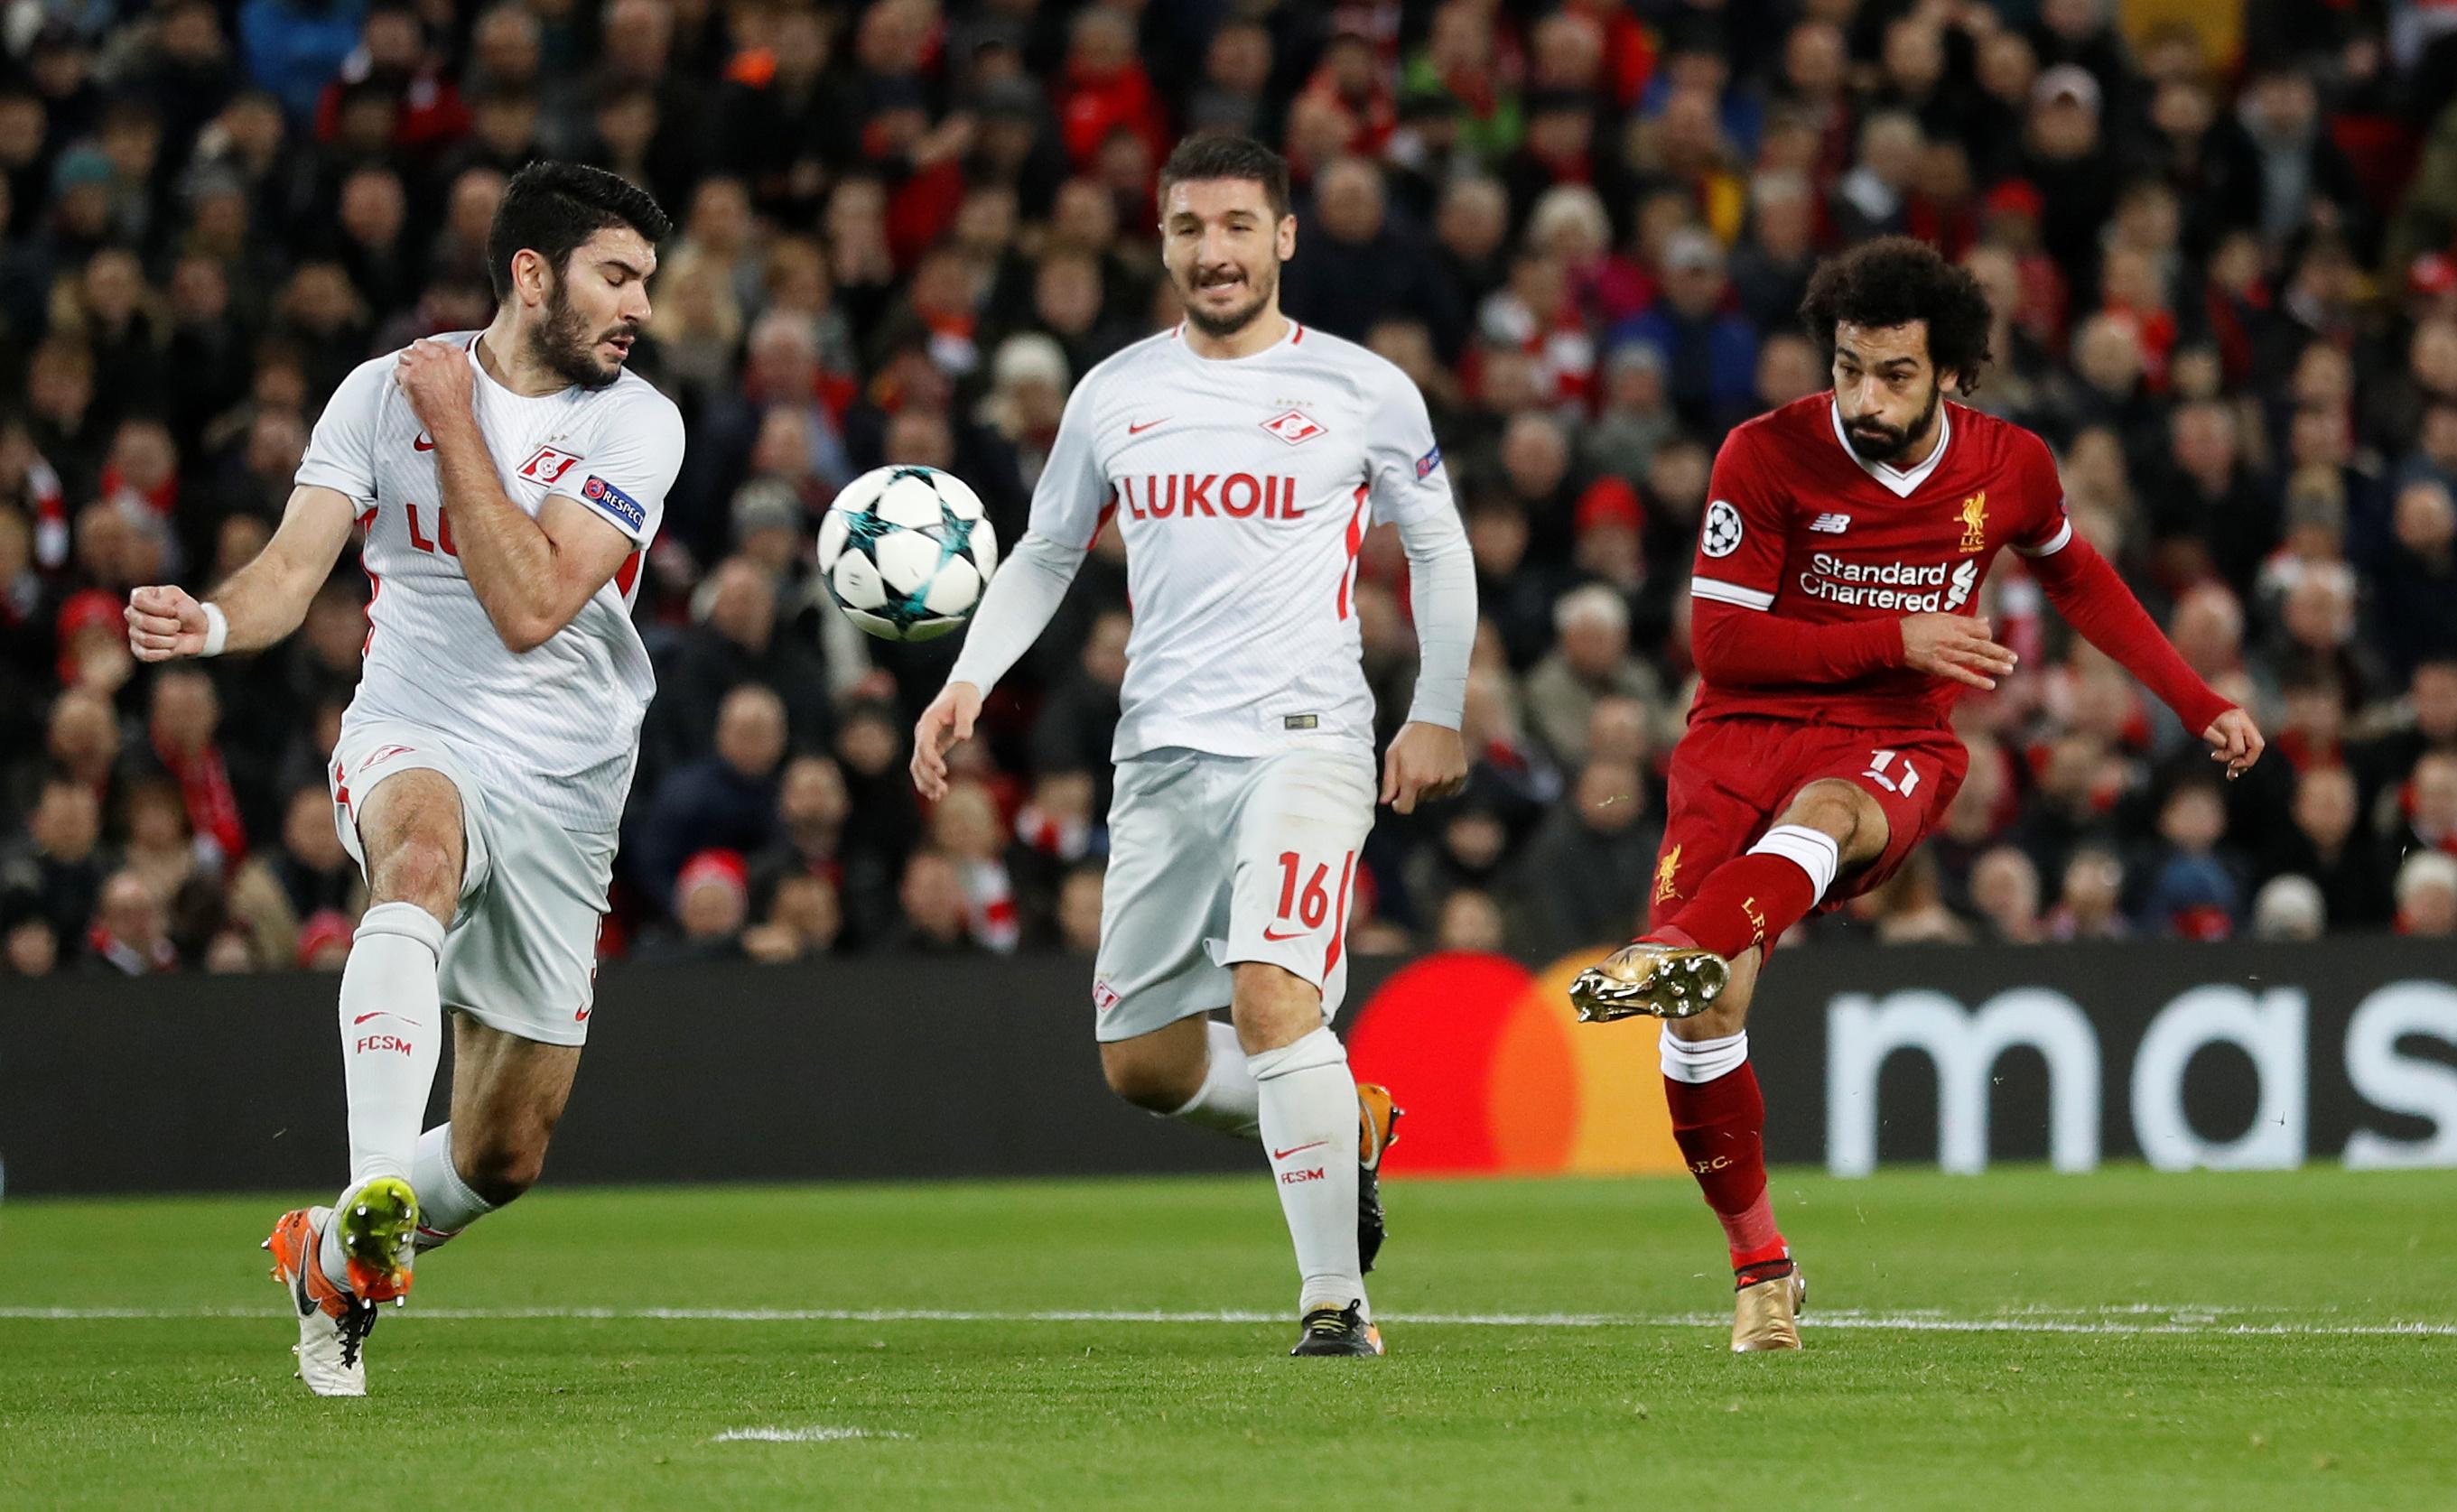 محمد صلاح يتألق ويسجل فى مباراة ليفربول وسبارتاك موسكو  (4)